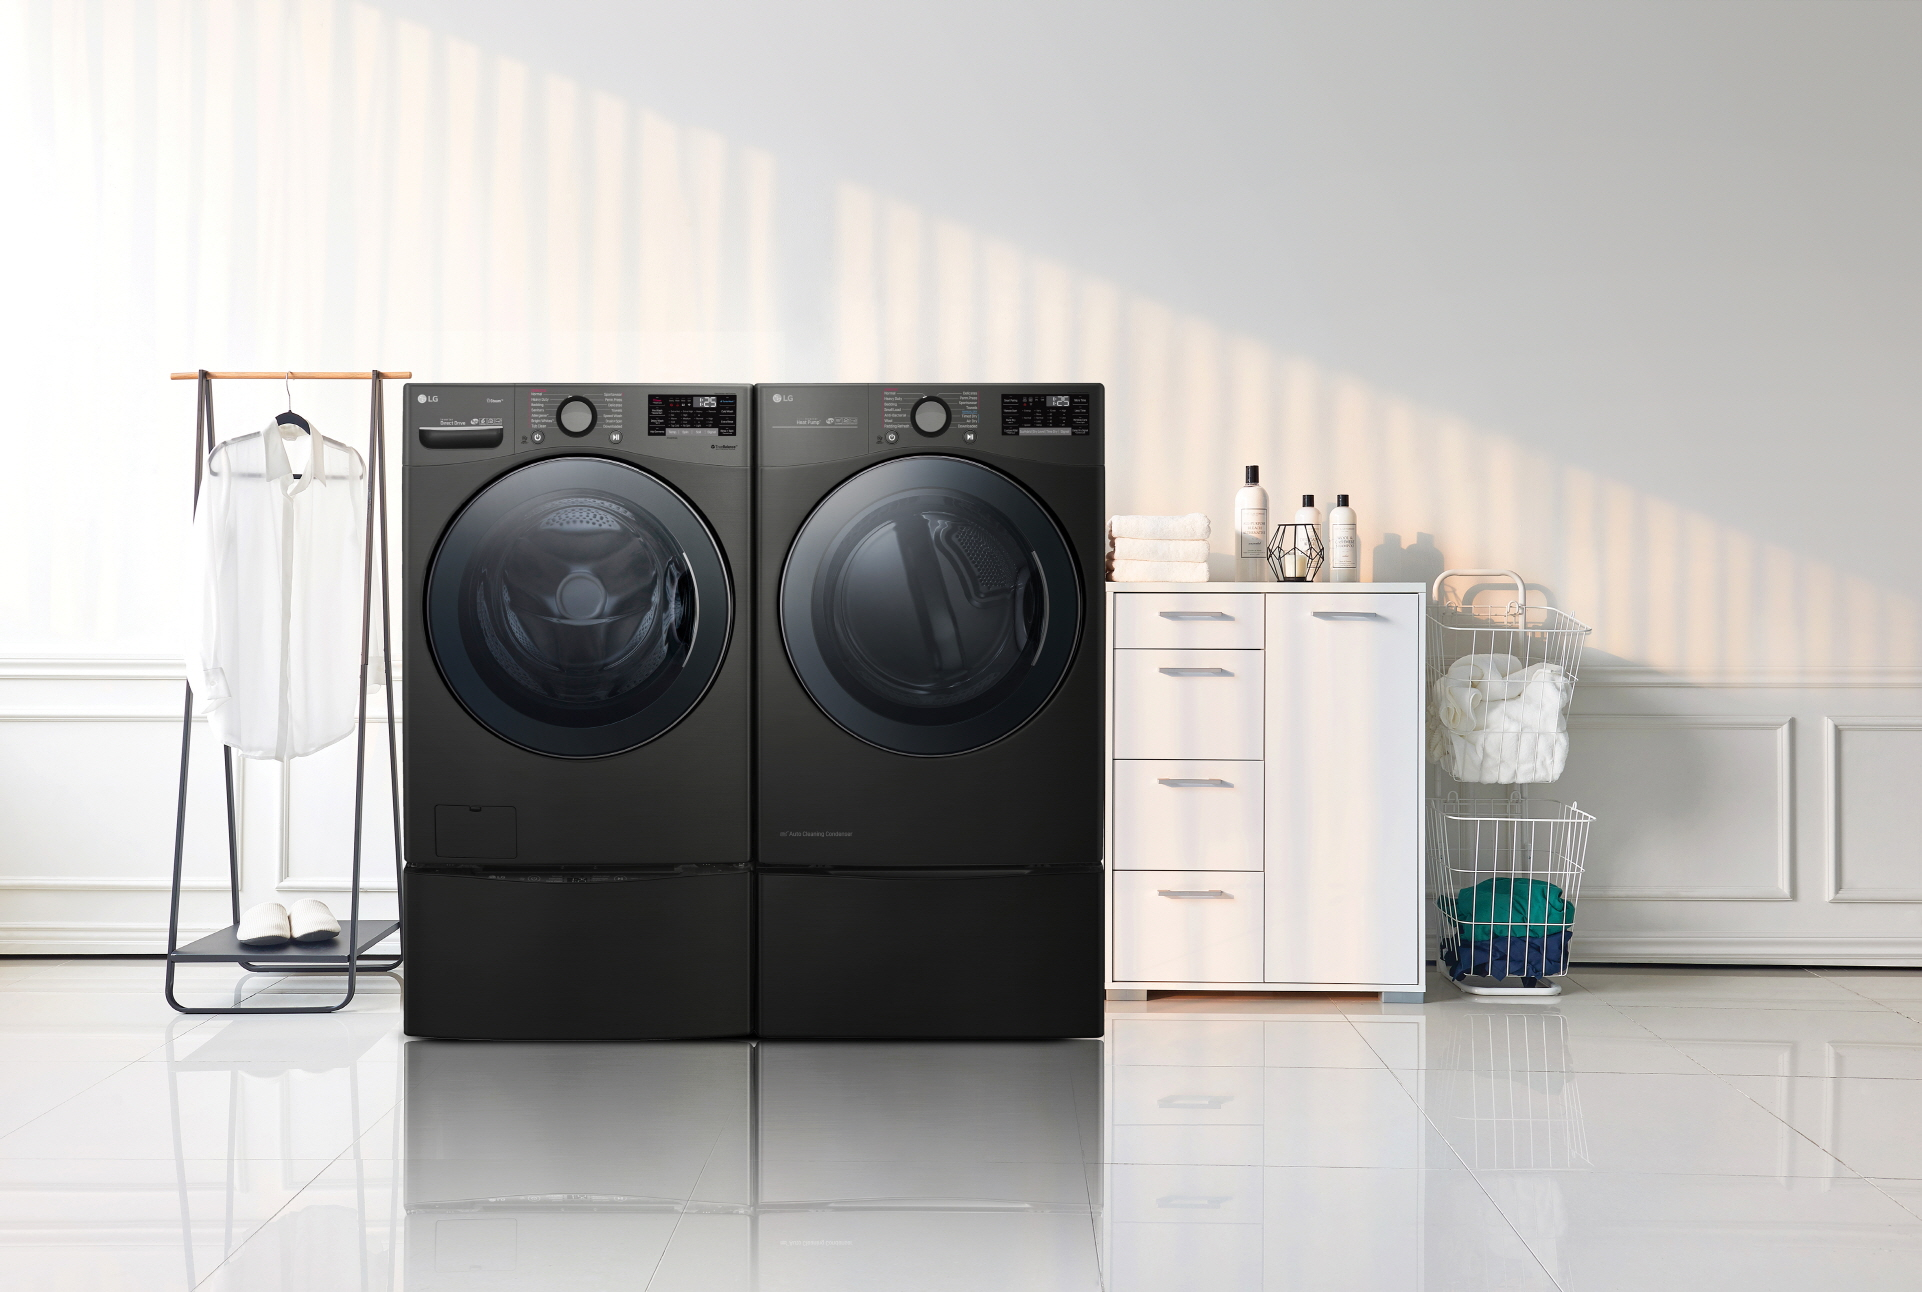 LG TWINWash ridefinisce gli standard di lavaggio a CES 2019 thumbnail